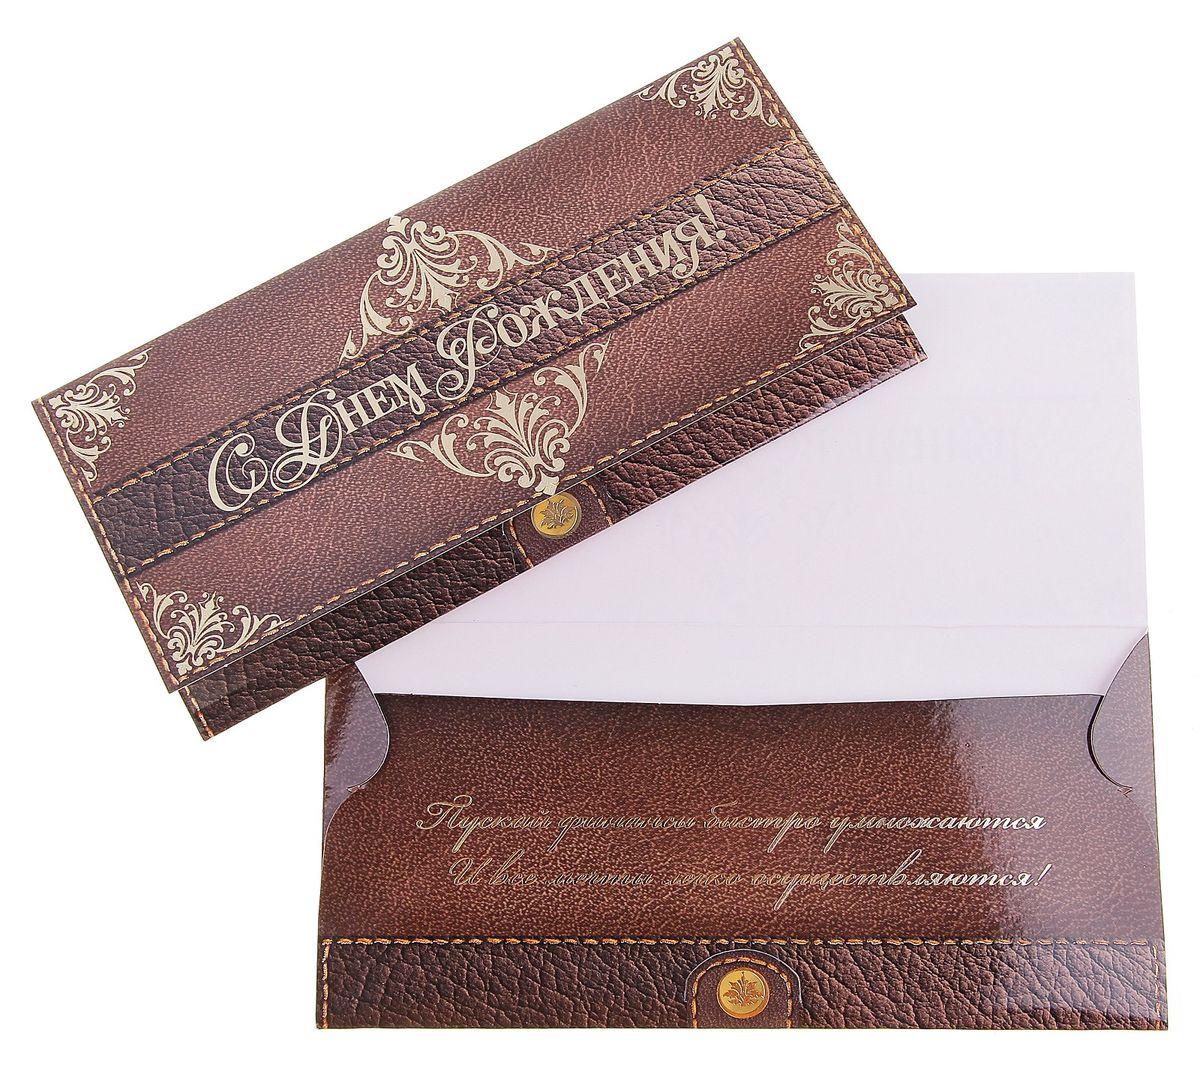 Конверт для денег С днем рождения!. 783940 конверт для денег с днем рождения 1063254